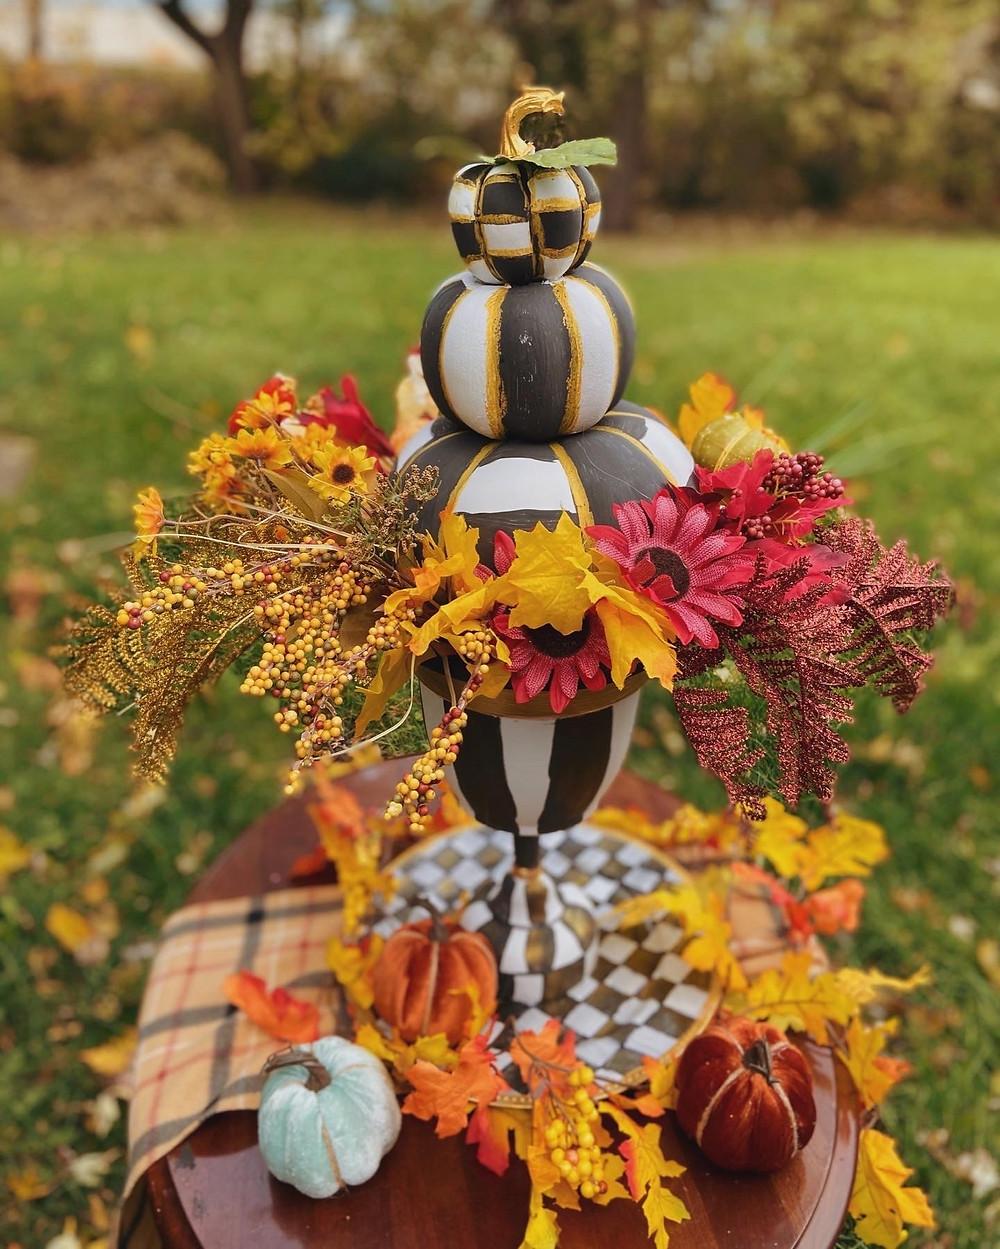 Mackenzie Childs Inspired Pumpkin Topiary